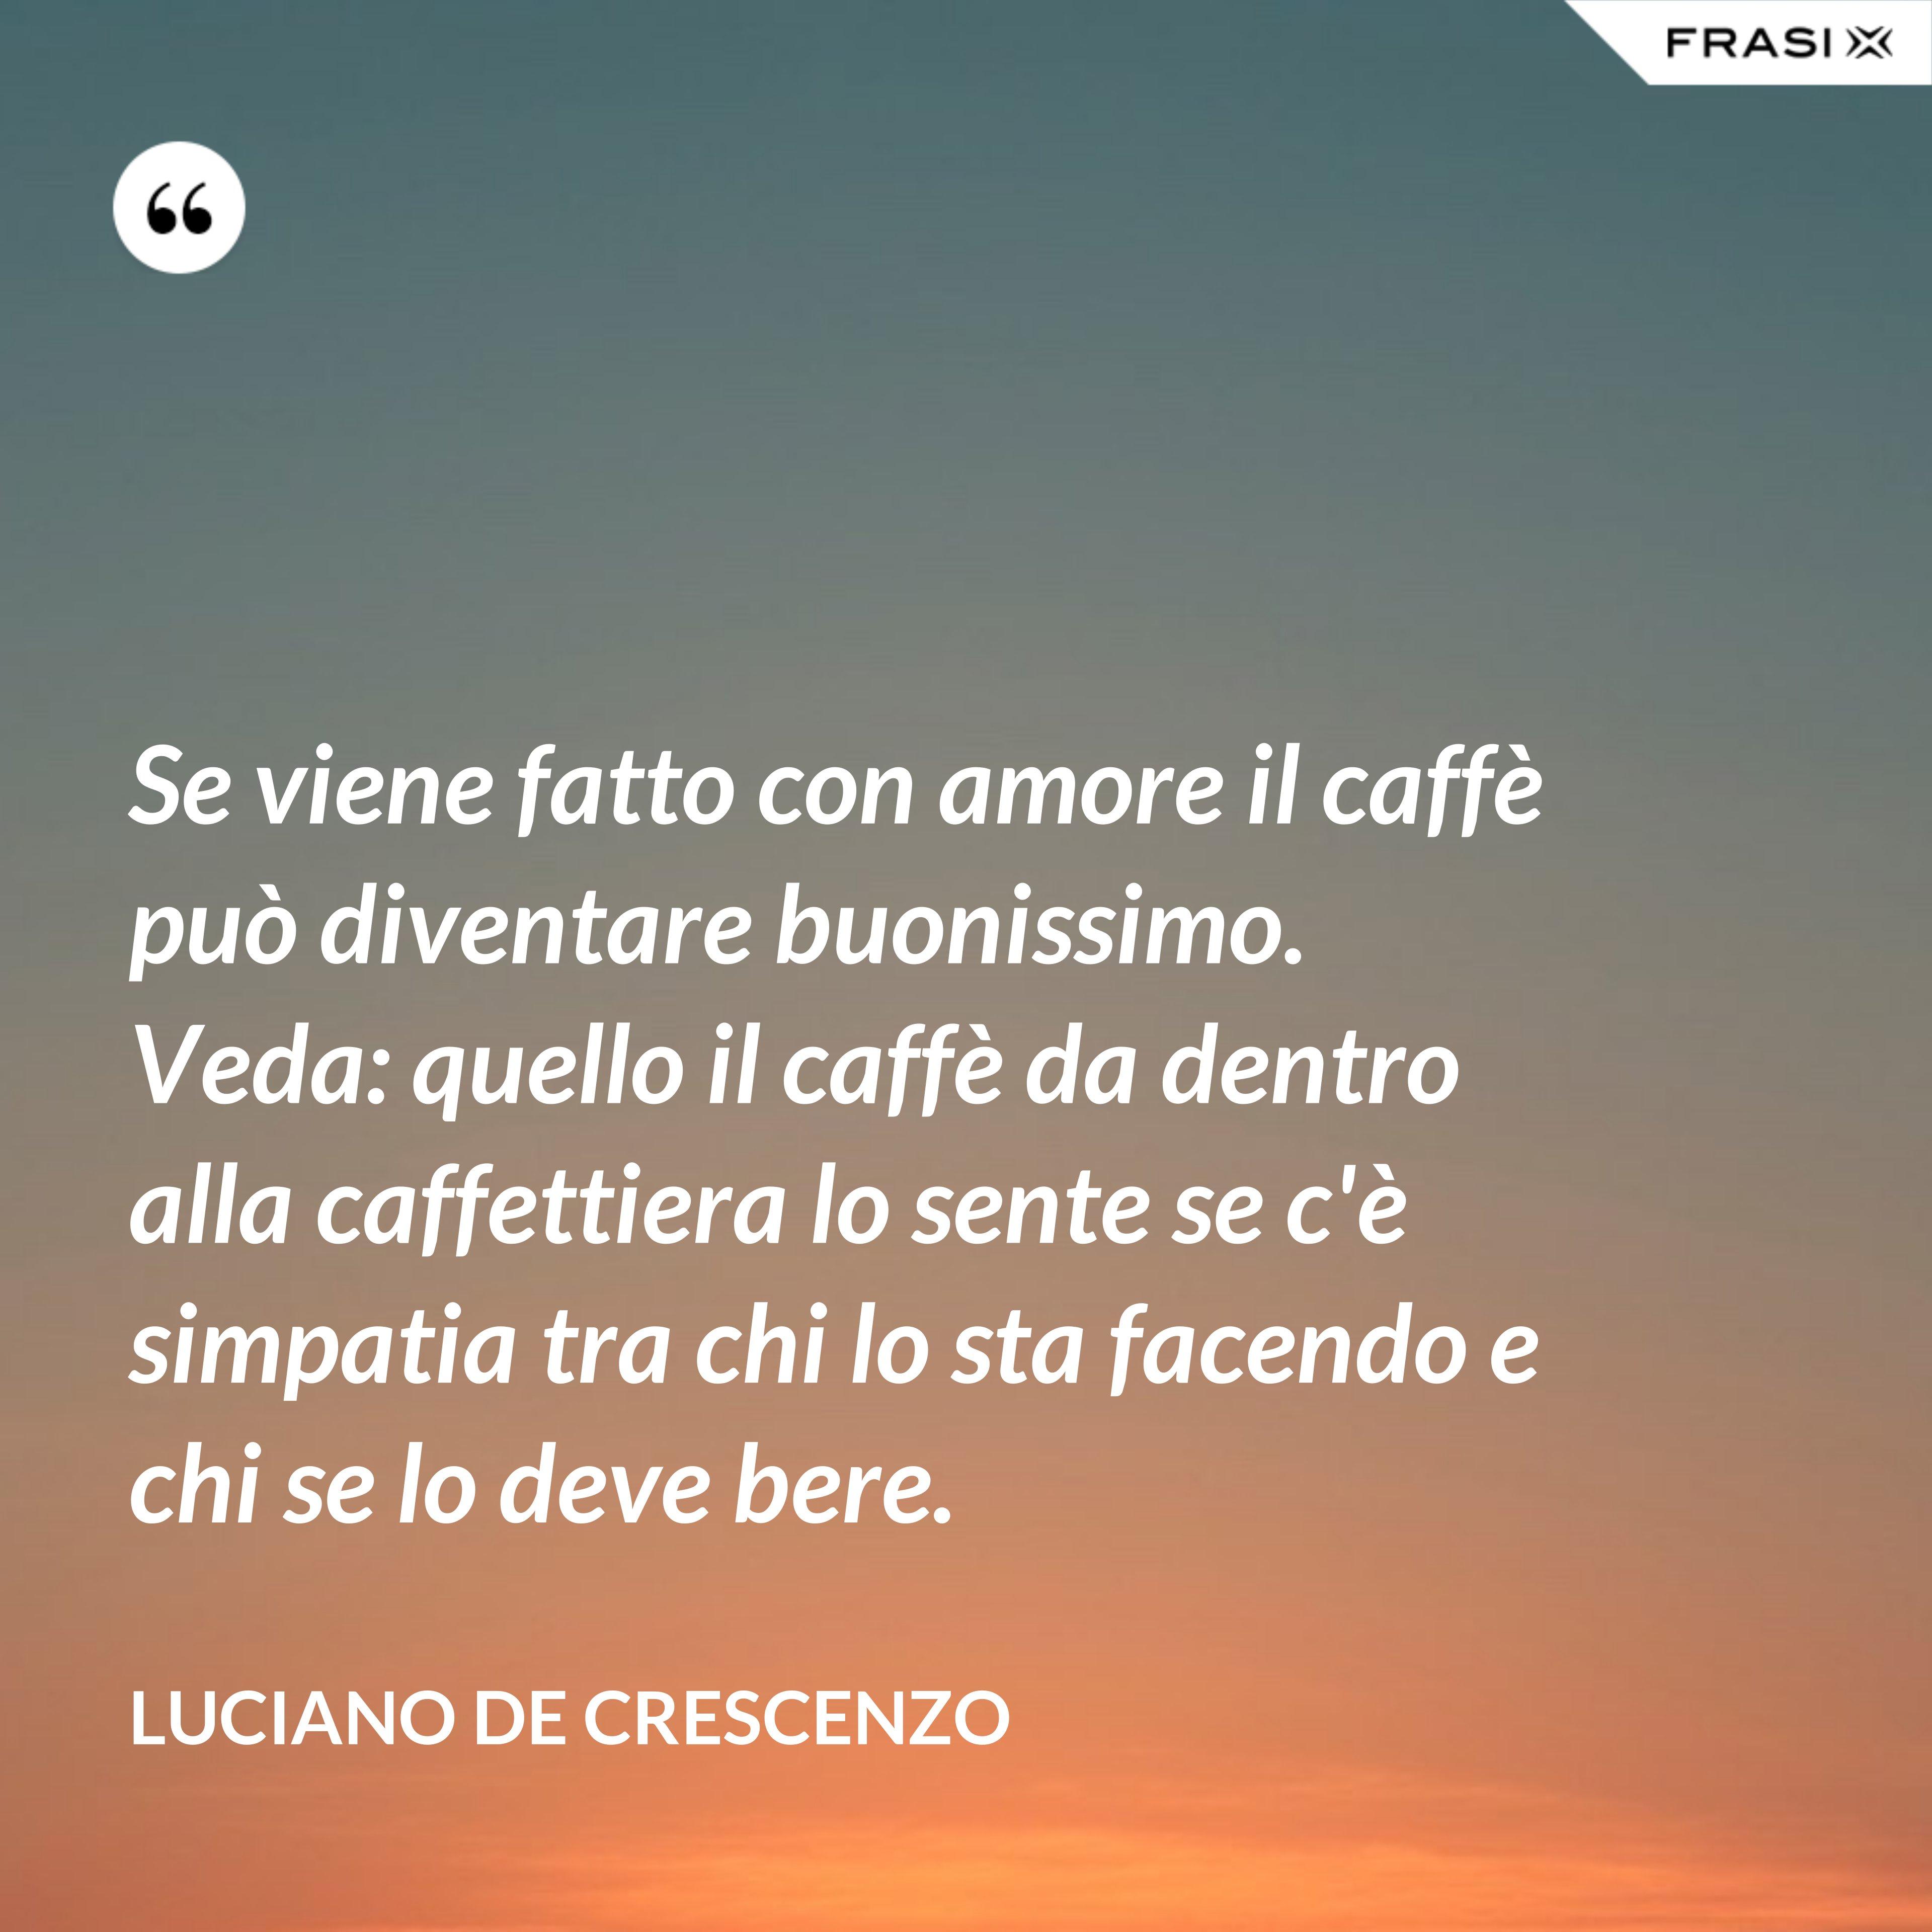 Se viene fatto con amore il caffè può diventare buonissimo. Veda: quello il caffè da dentro alla caffettiera lo sente se c'è simpatia tra chi lo sta facendo e chi se lo deve bere. - Luciano De Crescenzo